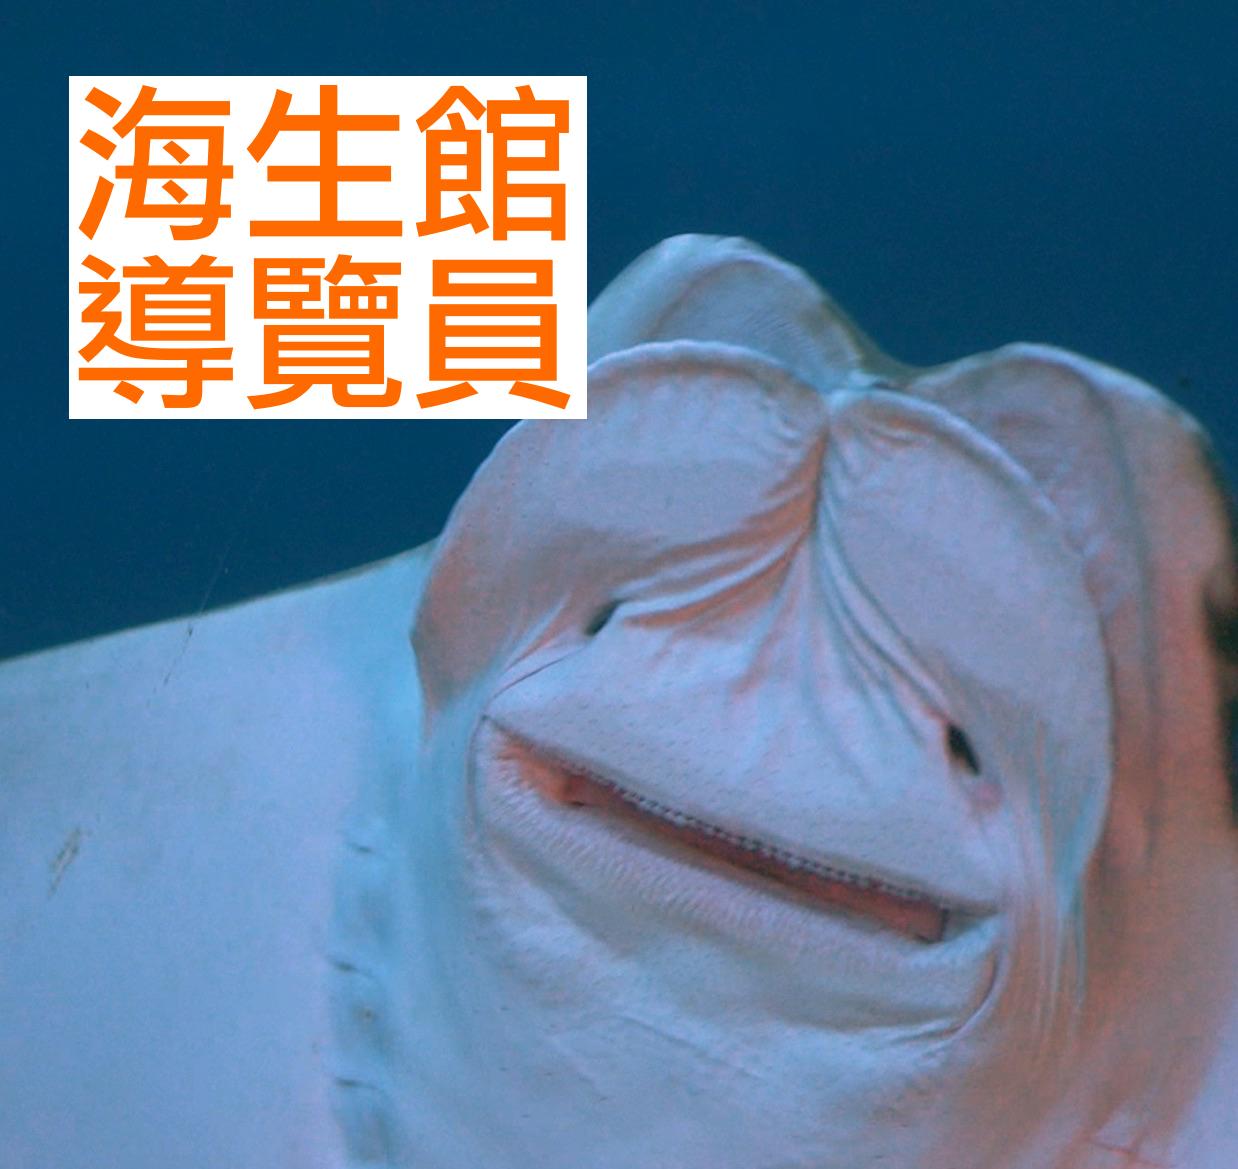 海生館導覽員_屏東國立海洋生物博物館|賈伯斯時間-職場達人的一天